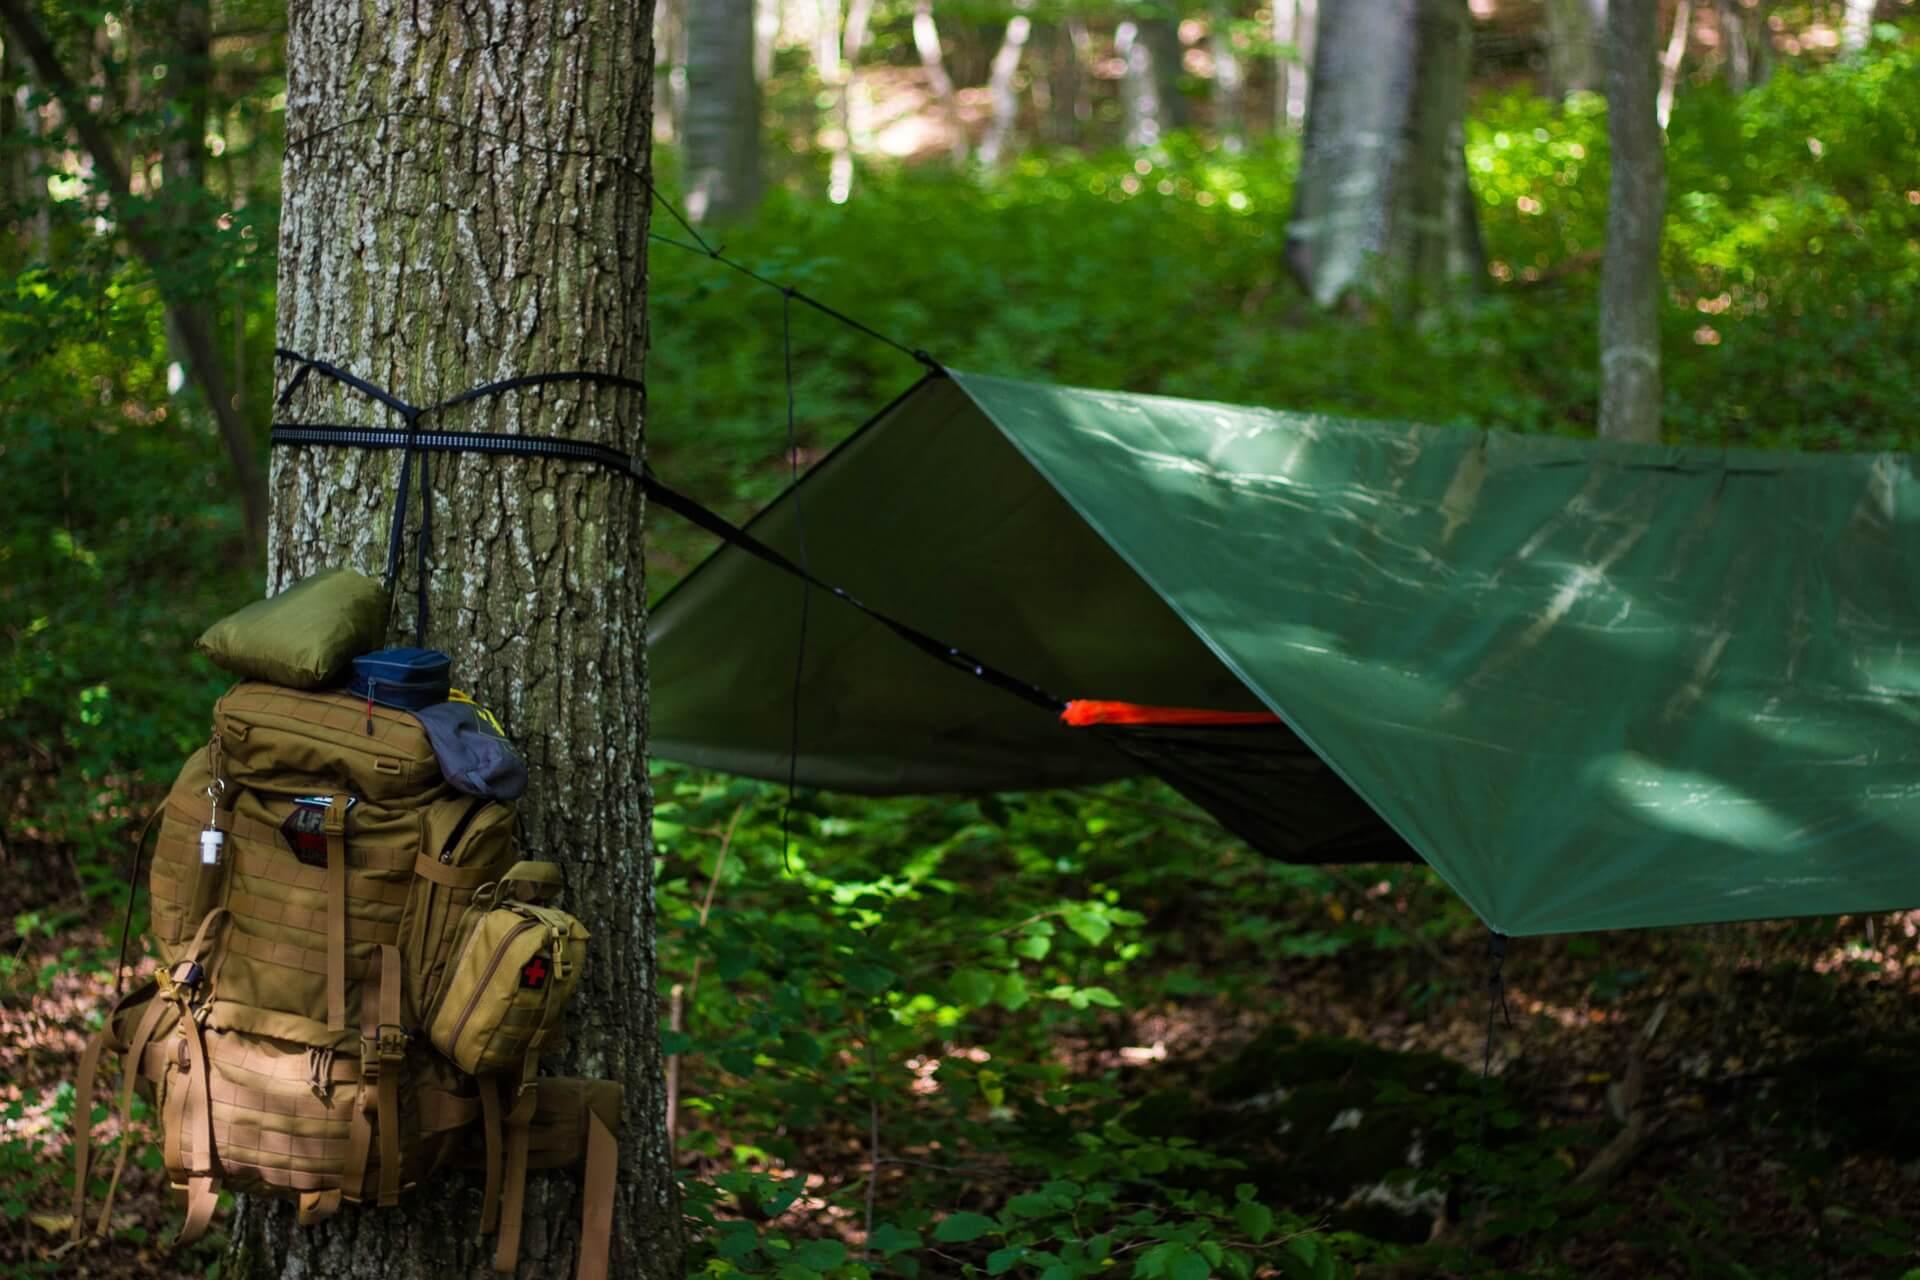 Symbolbild Mikroabenteur: Rucksack und gespannte Plane am Baum